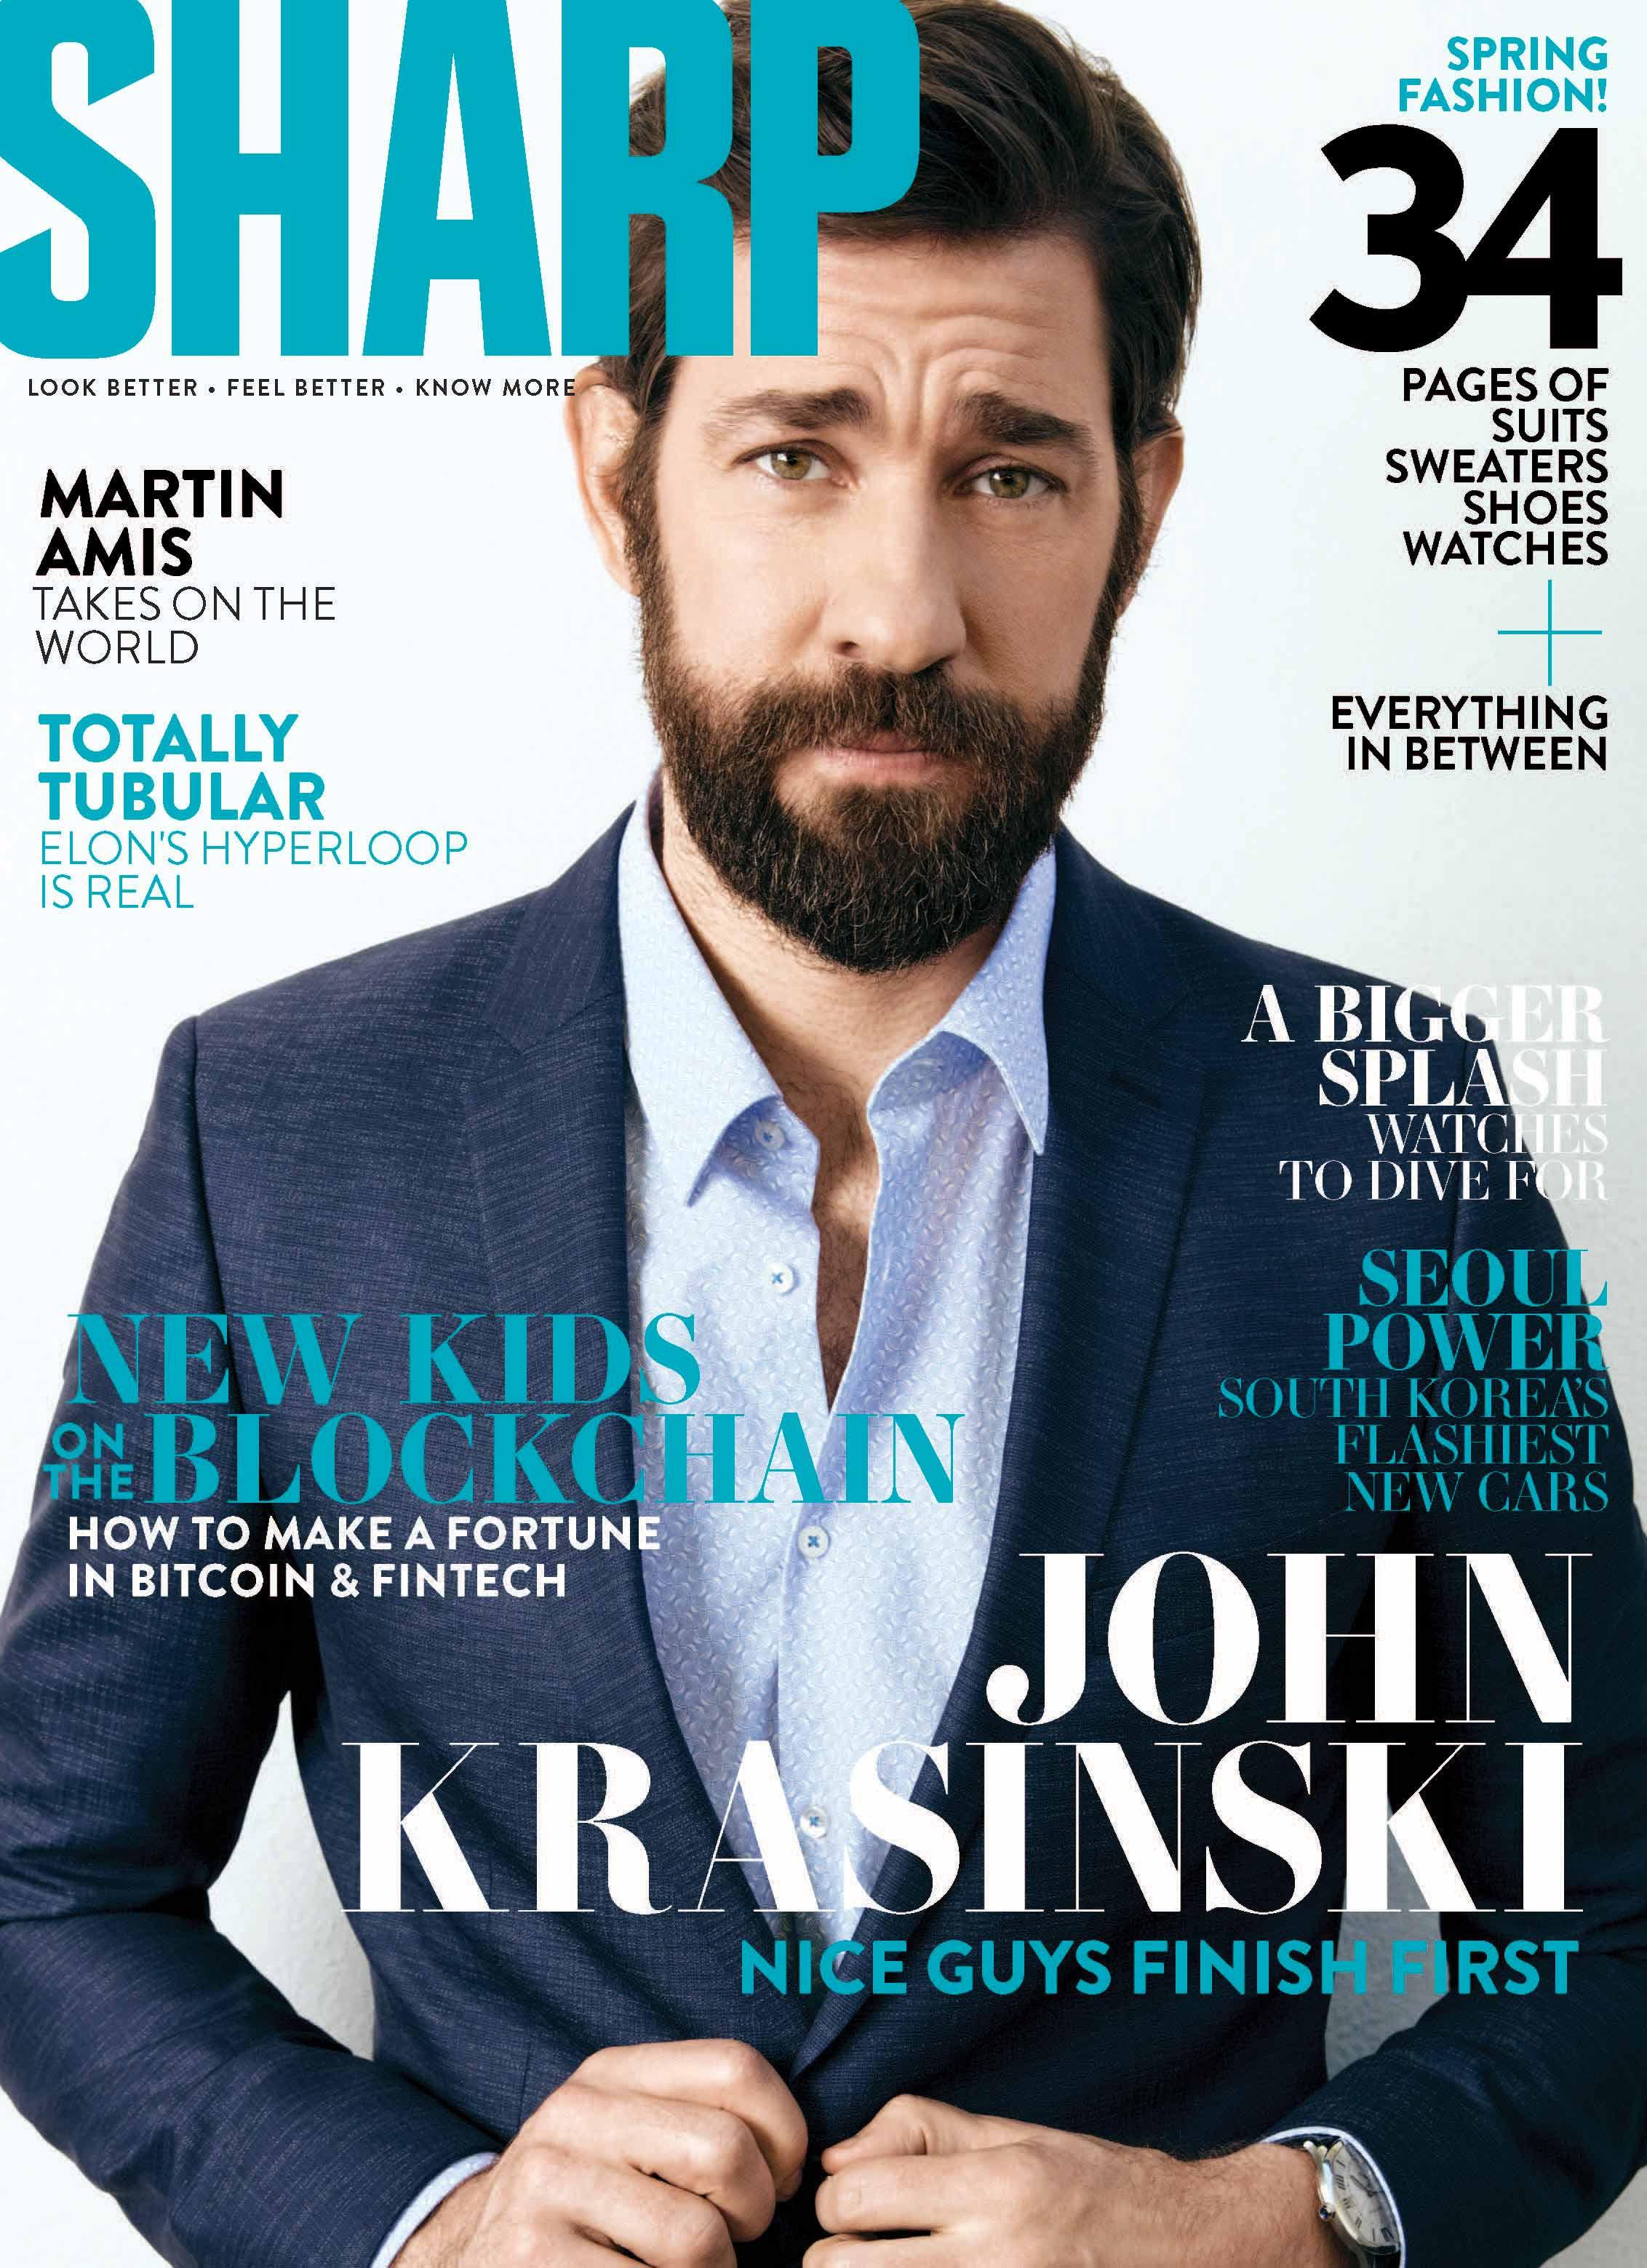 John-Krasinski-Hi-Res_Page_1.jpg